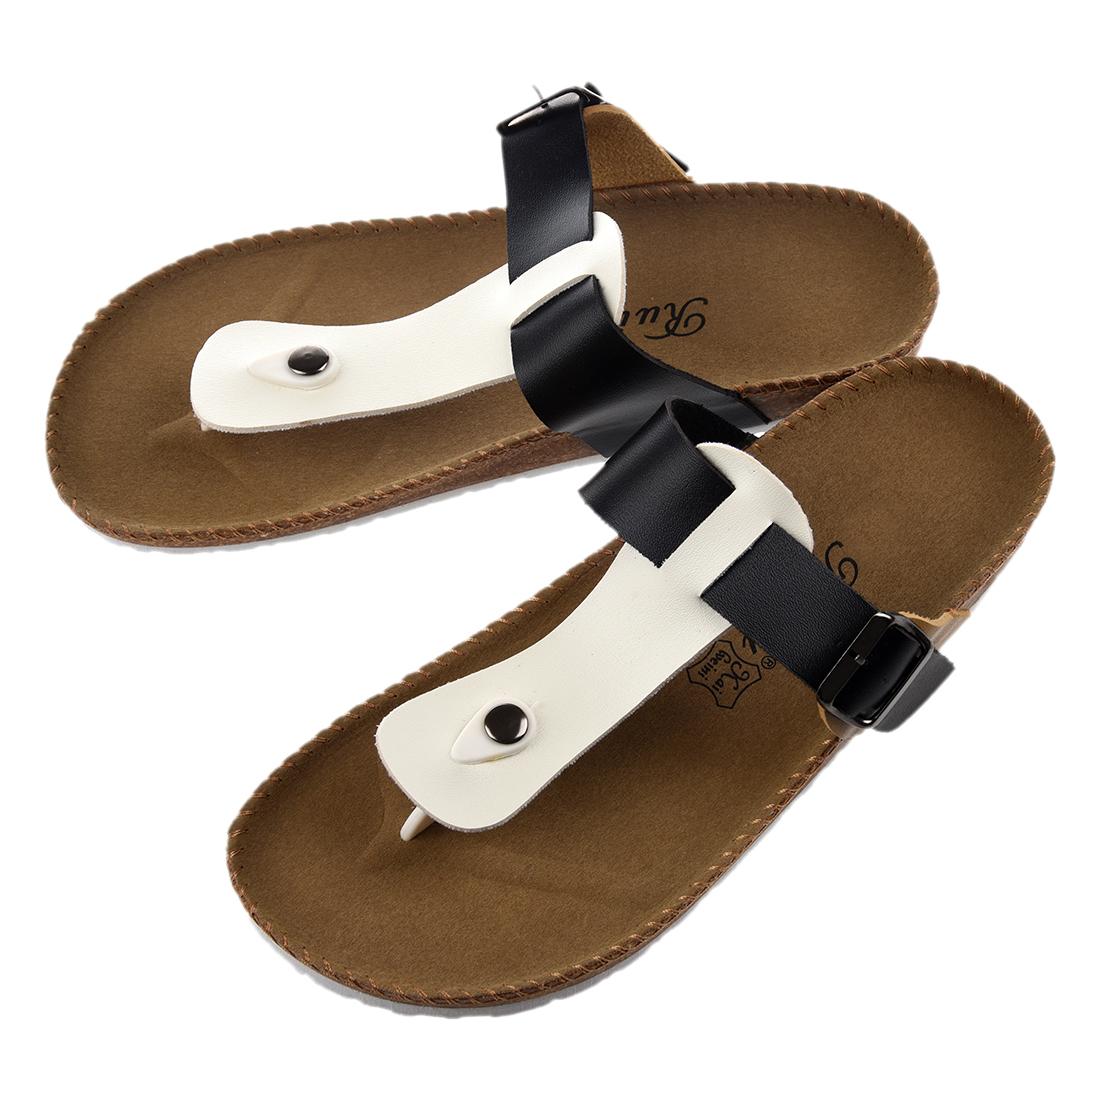 RUIZUU-Chancletas-deportivas-Sandalias-de-playa-Zapatillas-de-Mujer-Hombres-PB miniatura 7